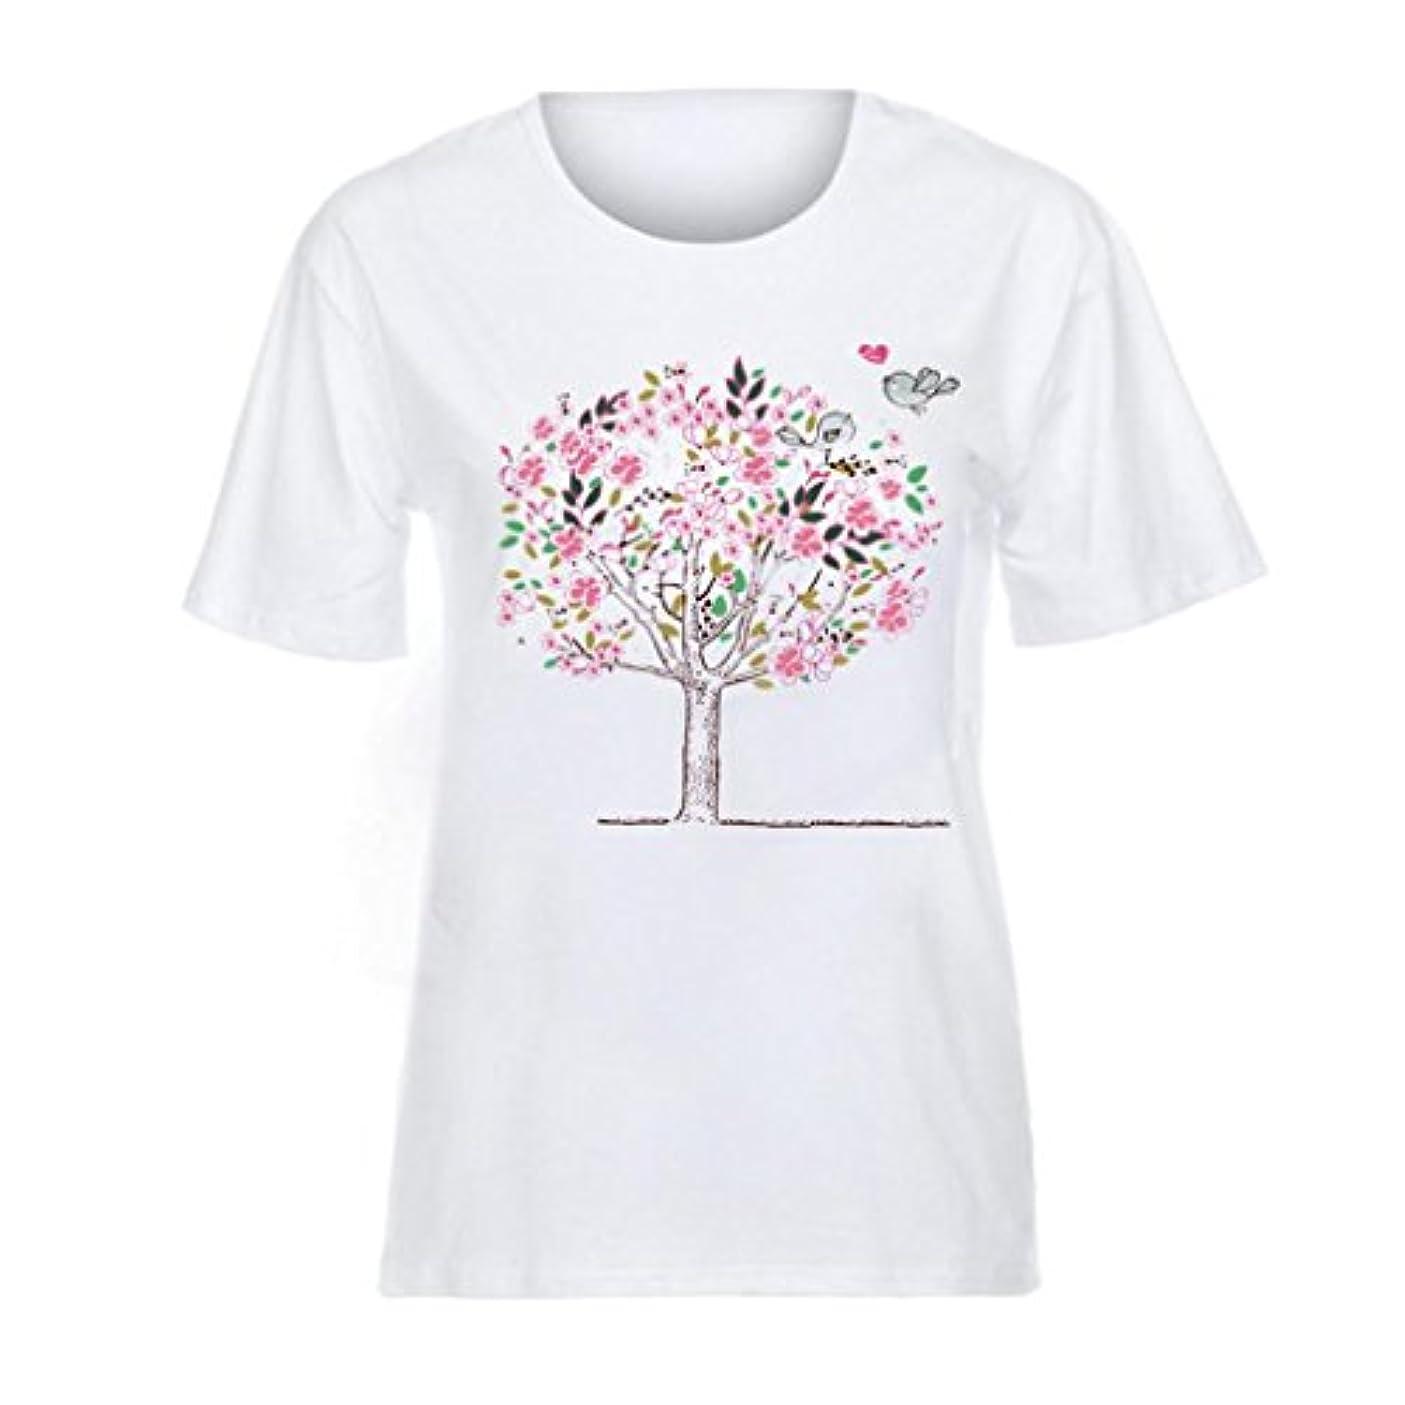 望ましい十分なはねかけるSakuraBest 女性ショートスリーブツリープリントトップスカジュアルルーズホワイトTシャツ